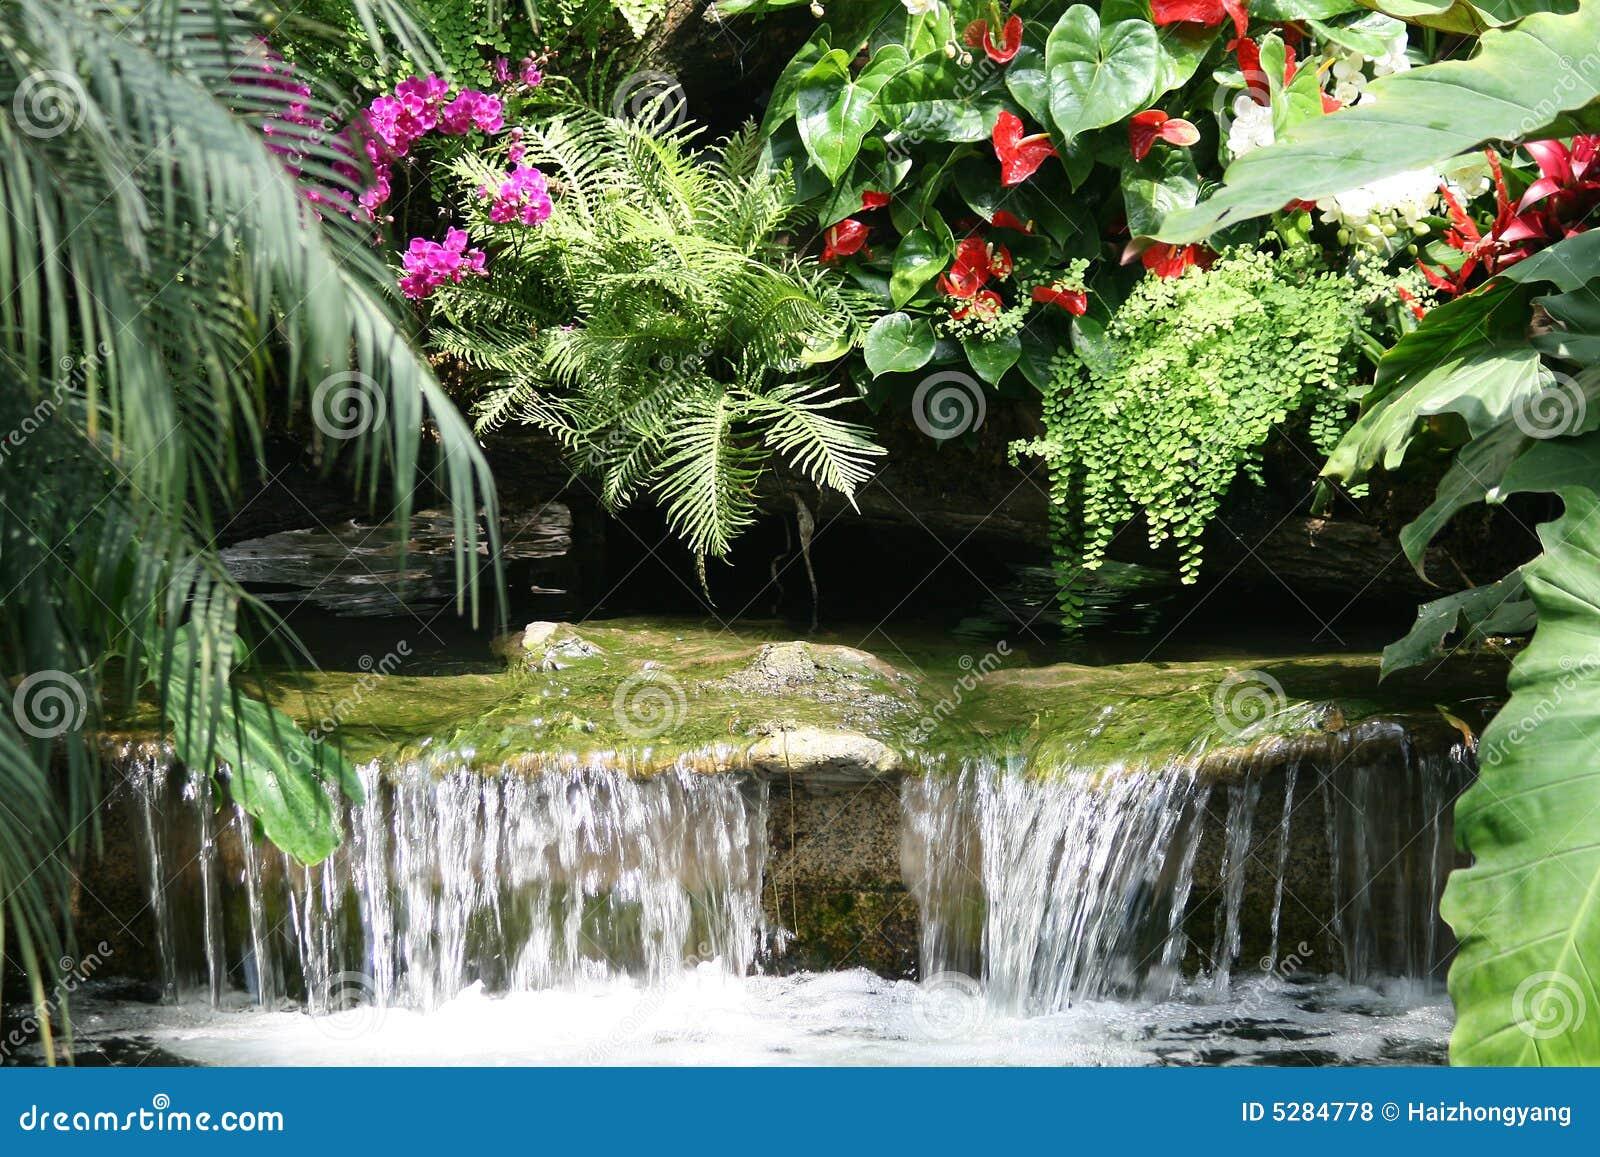 热带森林的雨图片